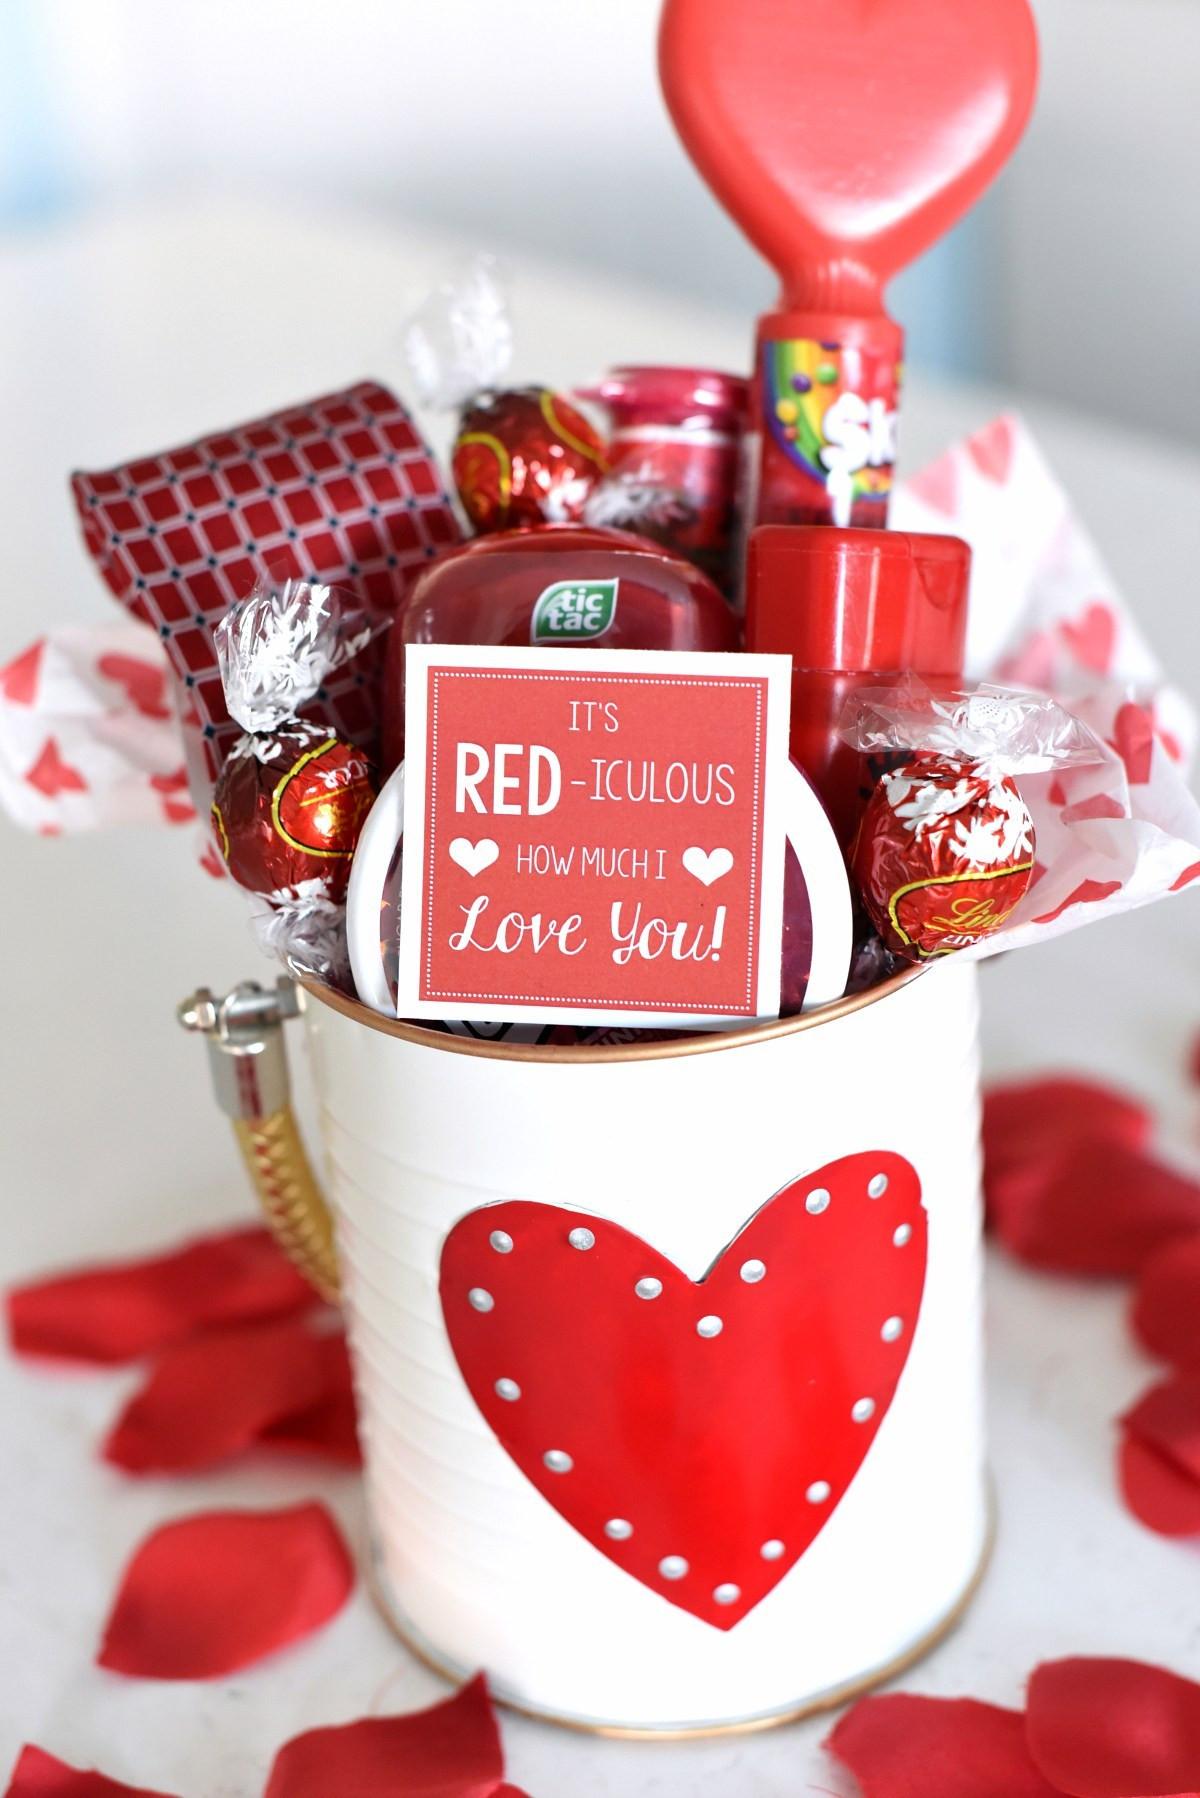 Best ideas about Diy Valentine Day Gift Ideas . Save or Pin 25 DIY Valentine s Day Gift Ideas Teens Will Love Now.